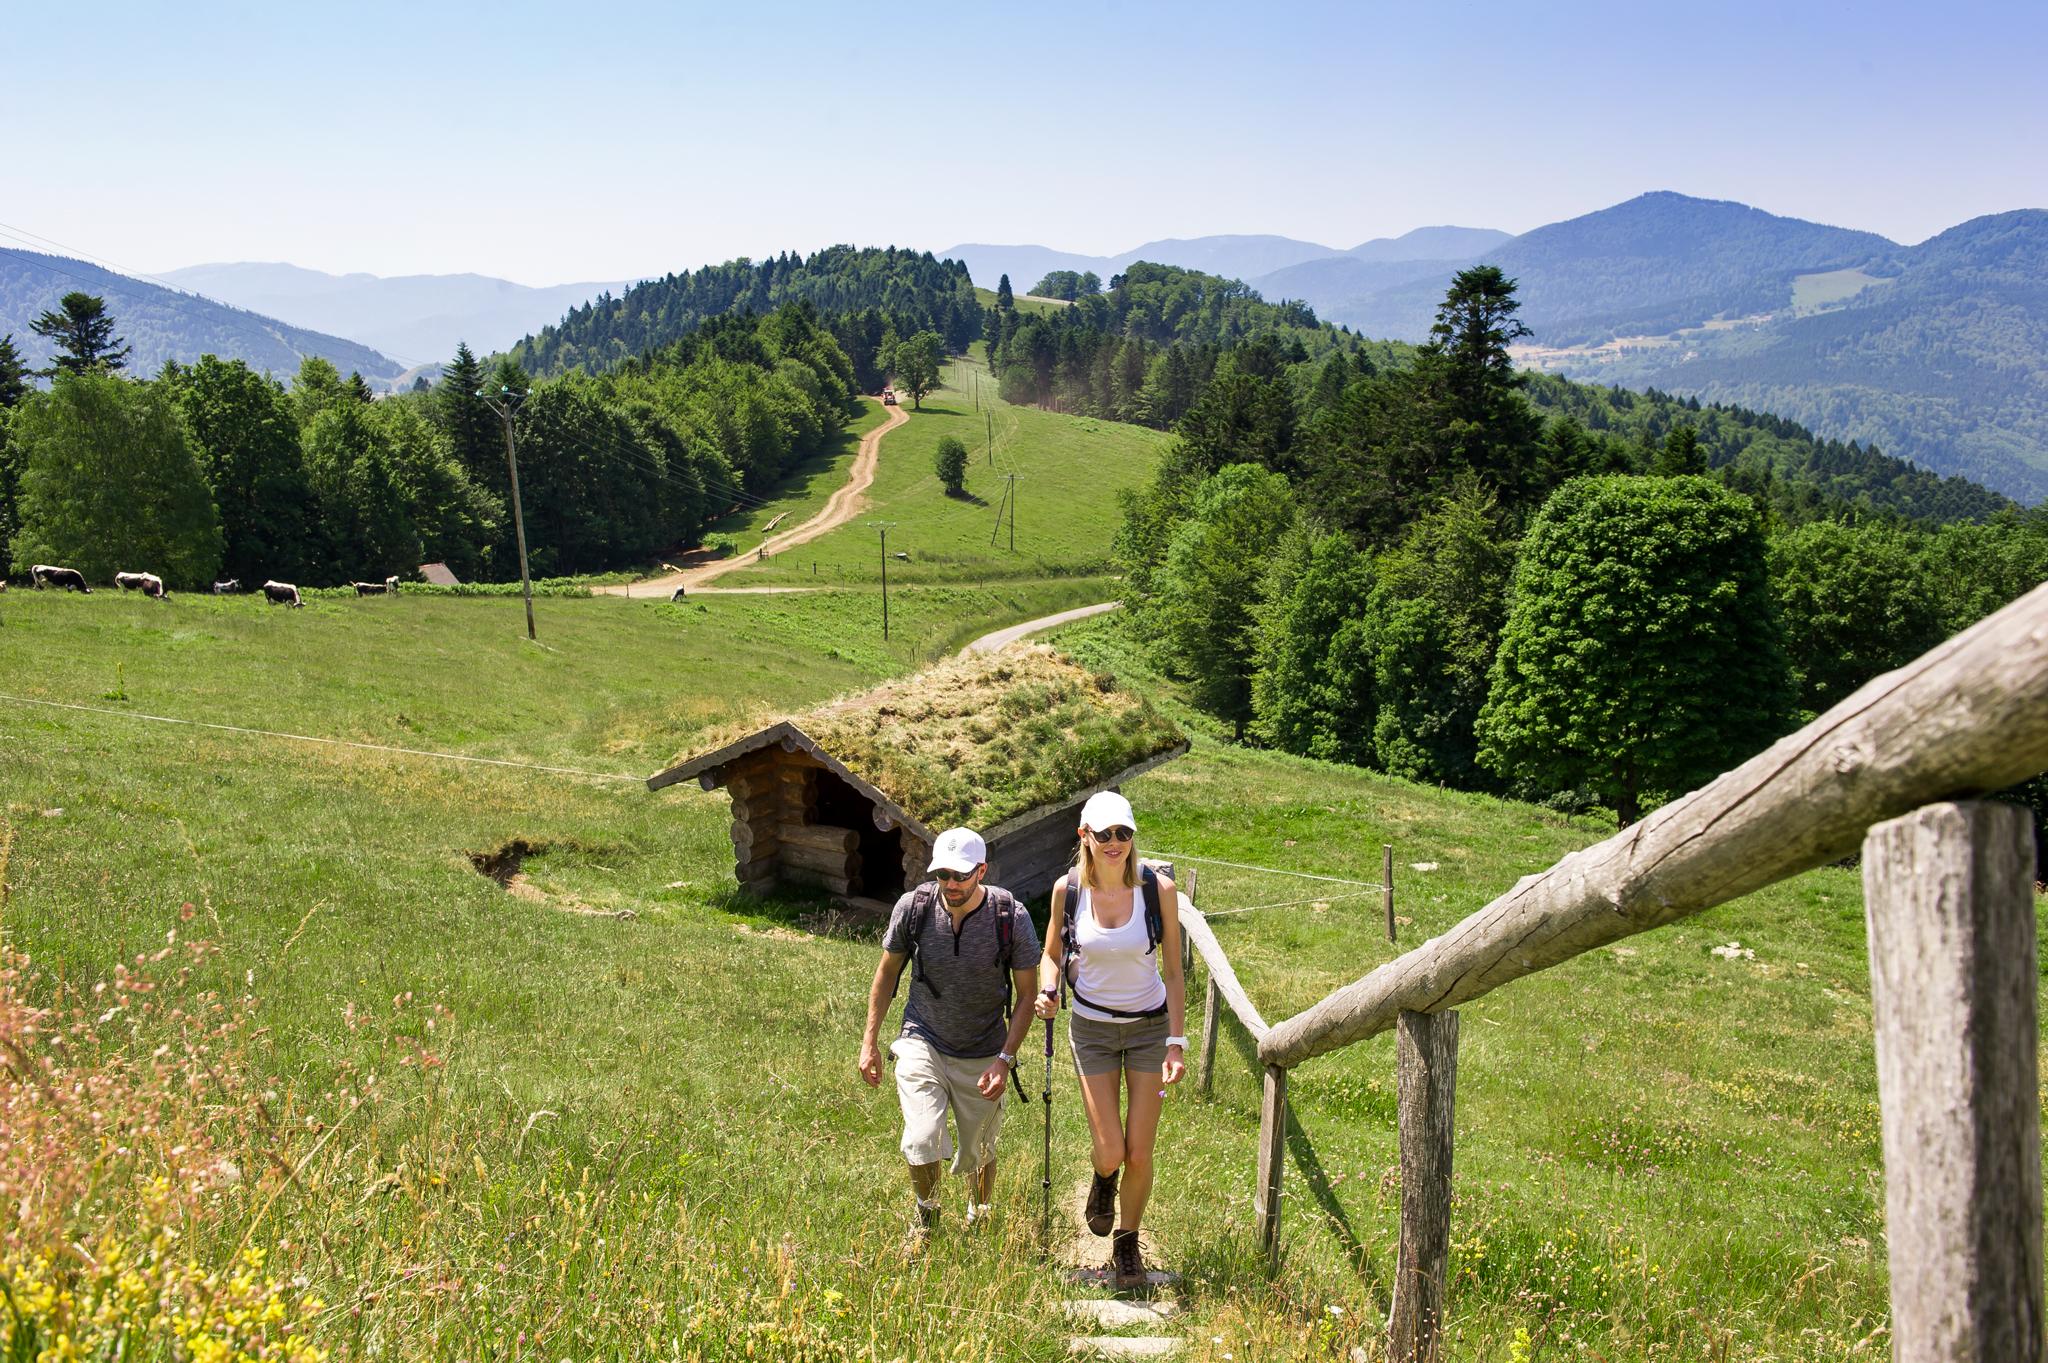 Wandern im Vogesenmassif © INFRA, Massif des Vosges